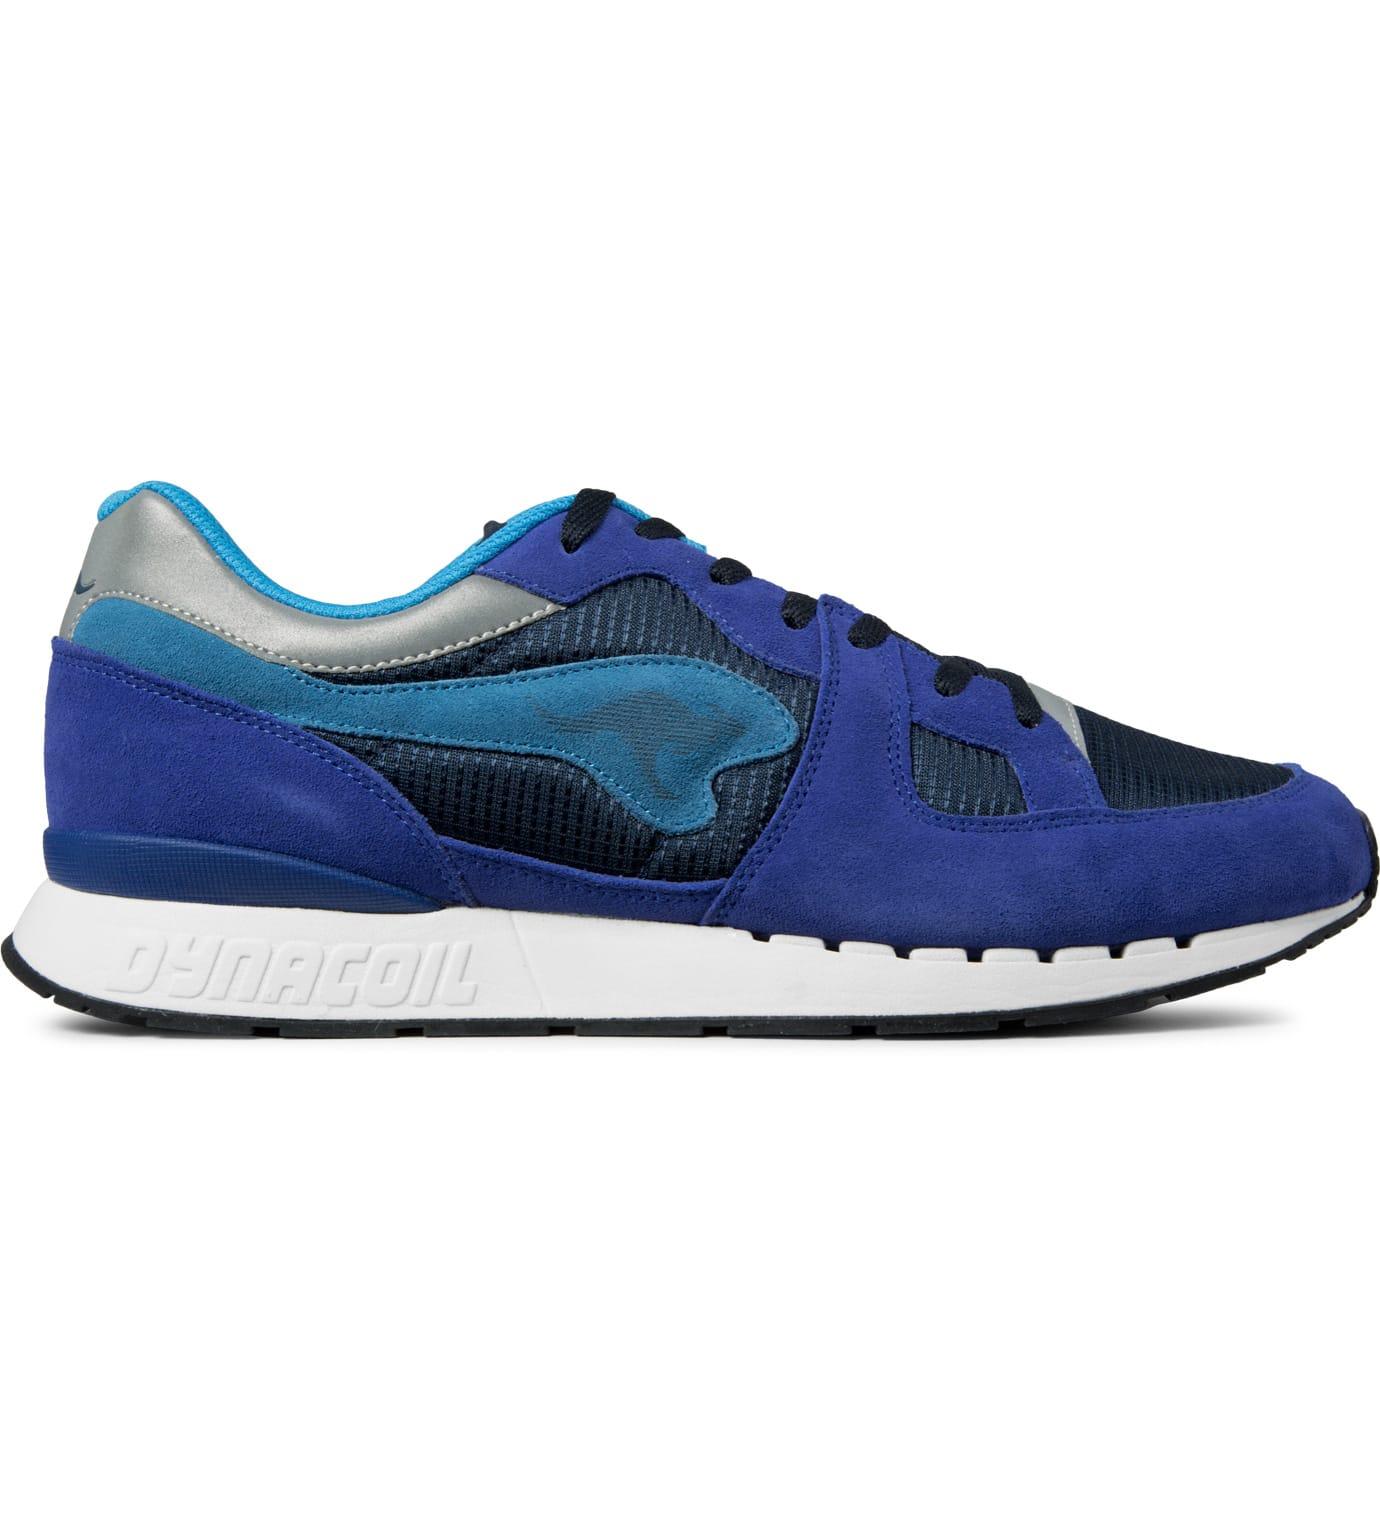 KangaROOS - Ultramarine/Dark Navy Coli-R1 Shoes